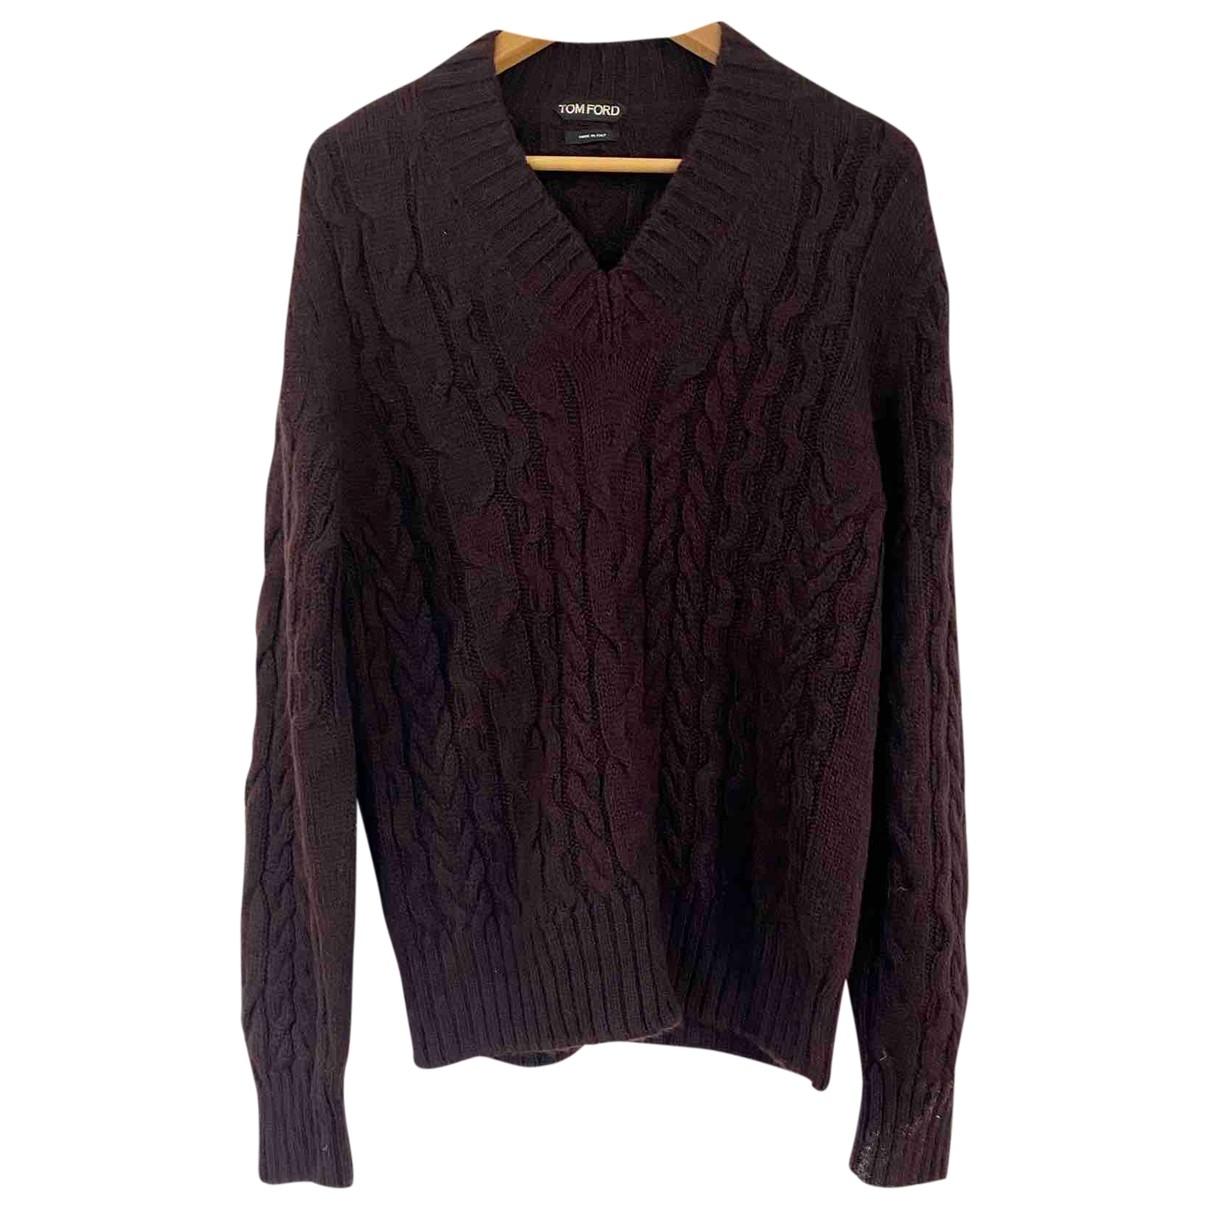 Tom Ford - Pulls.Gilets.Sweats   pour homme en laine - bordeaux